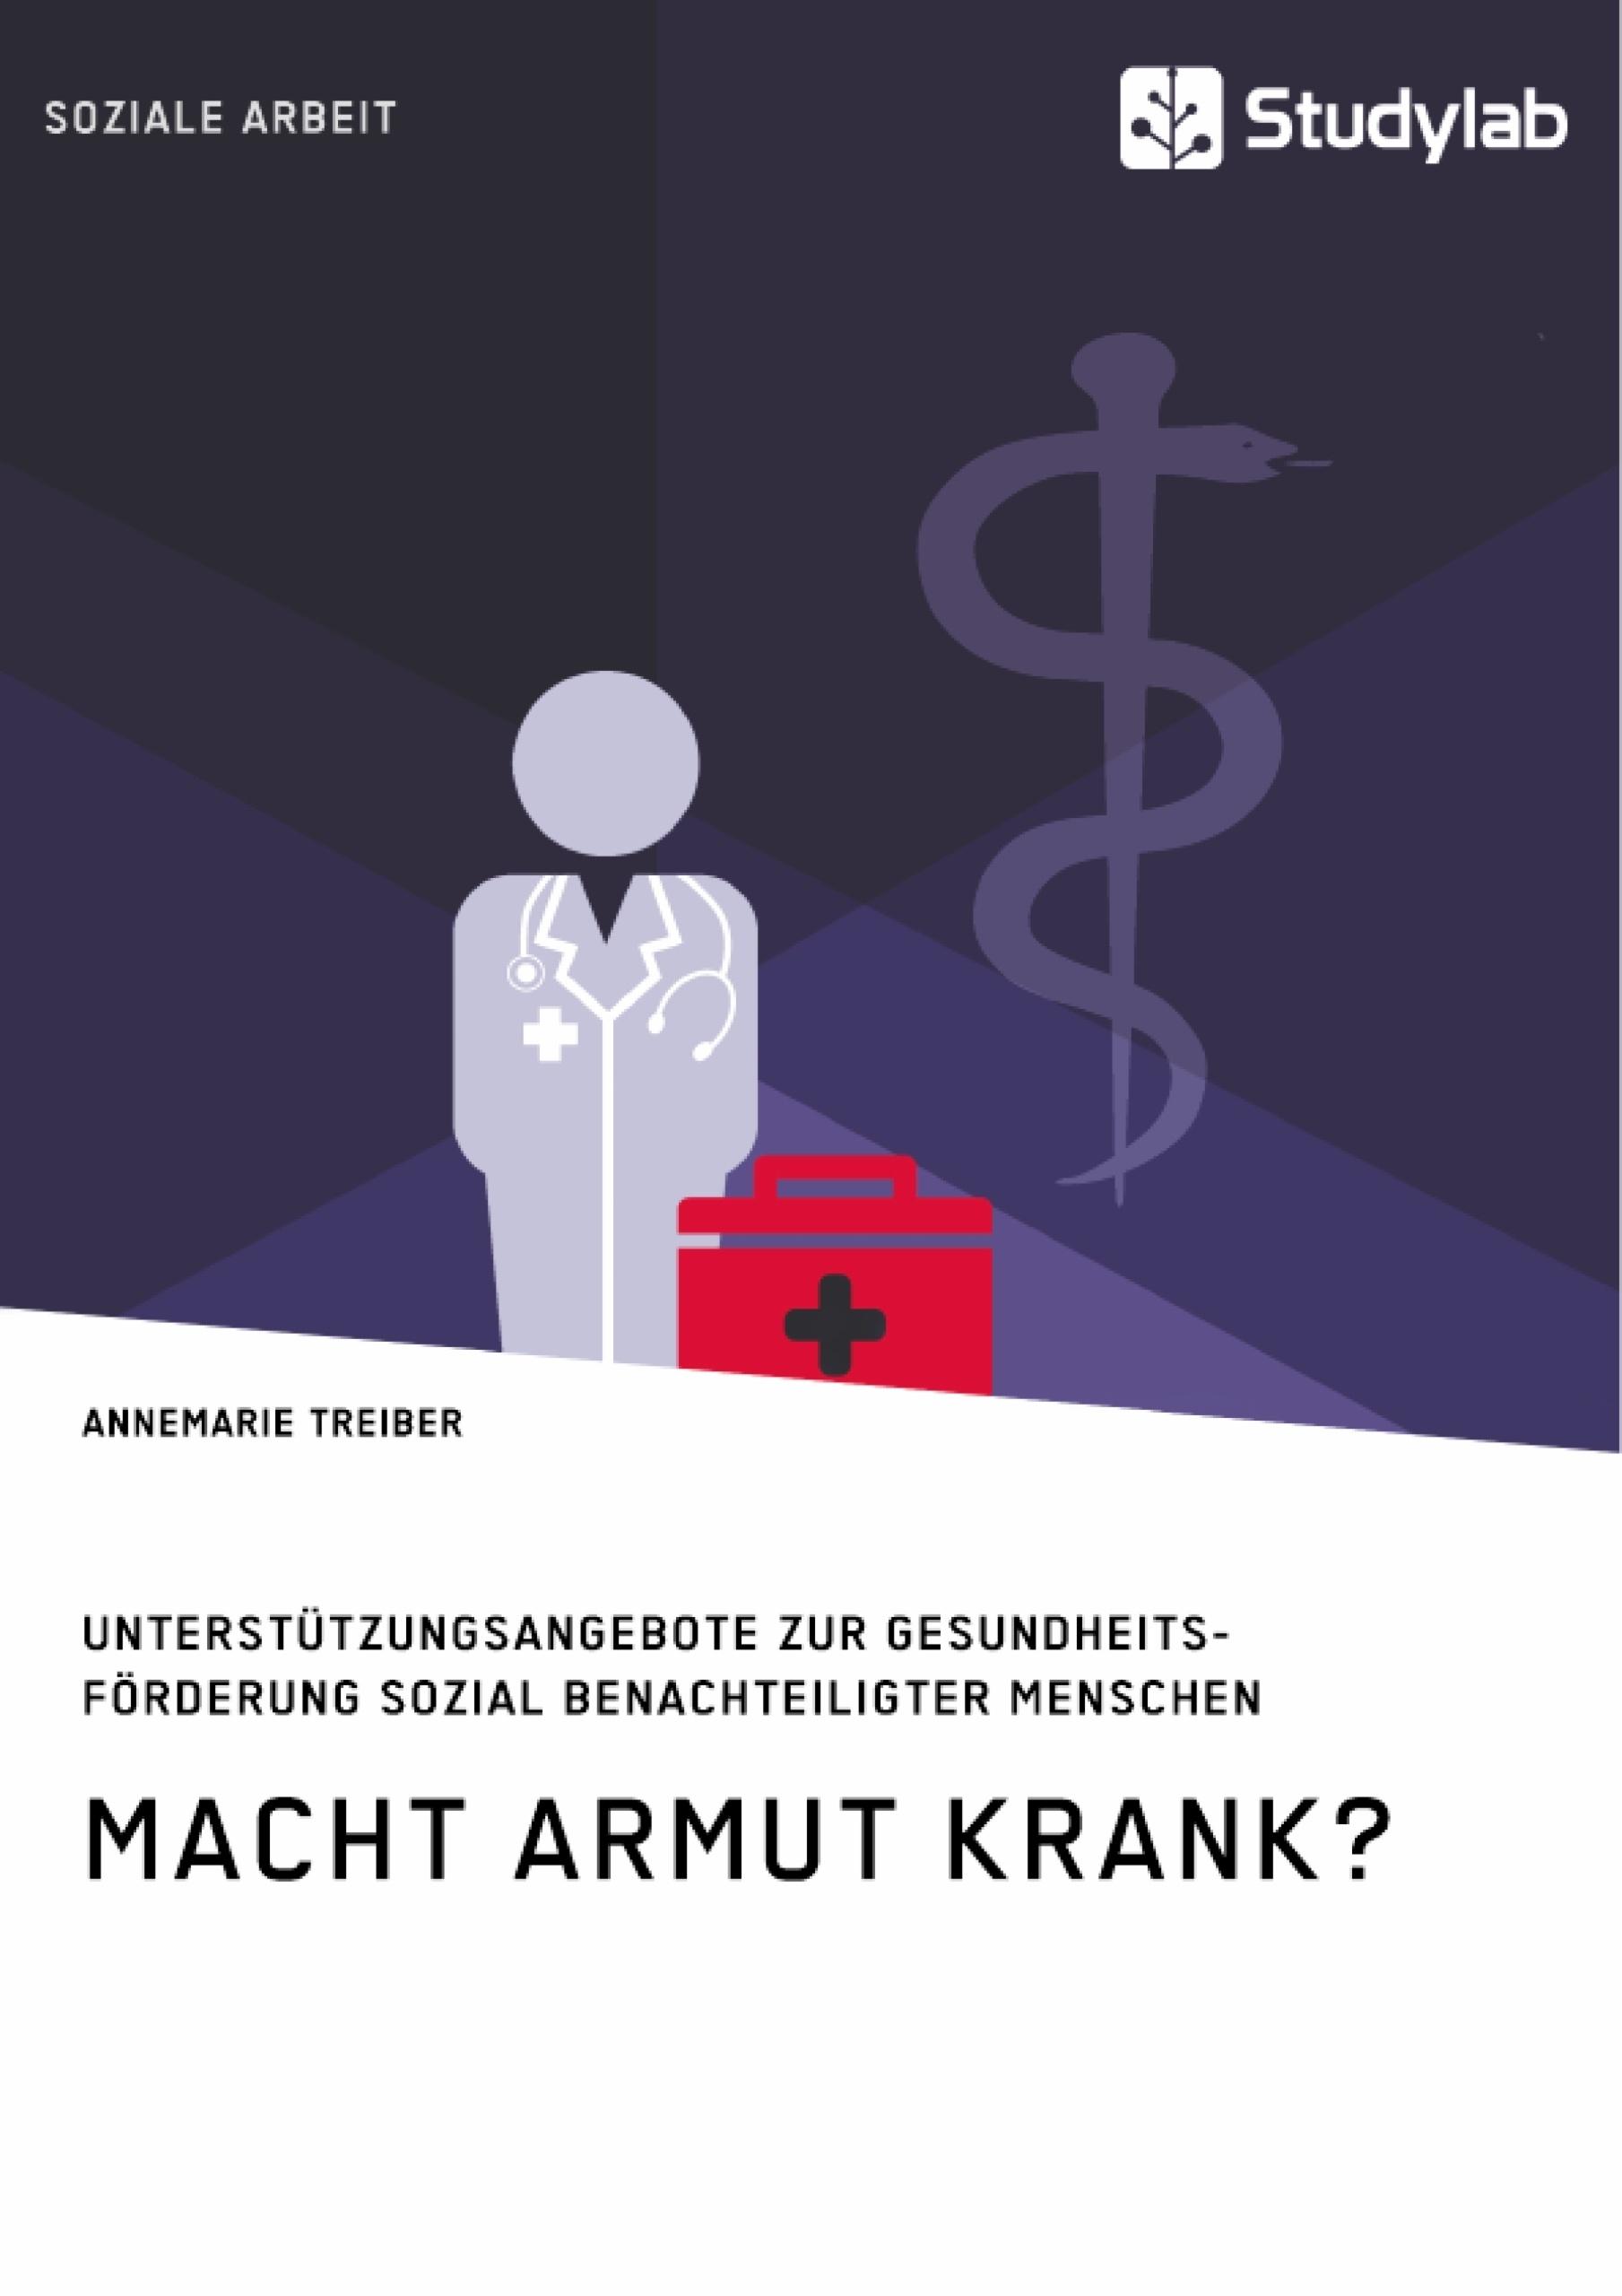 Titel: Macht Armut krank? Unterstützungsangebote zur Gesundheitsförderung sozial benachteiligter Menschen